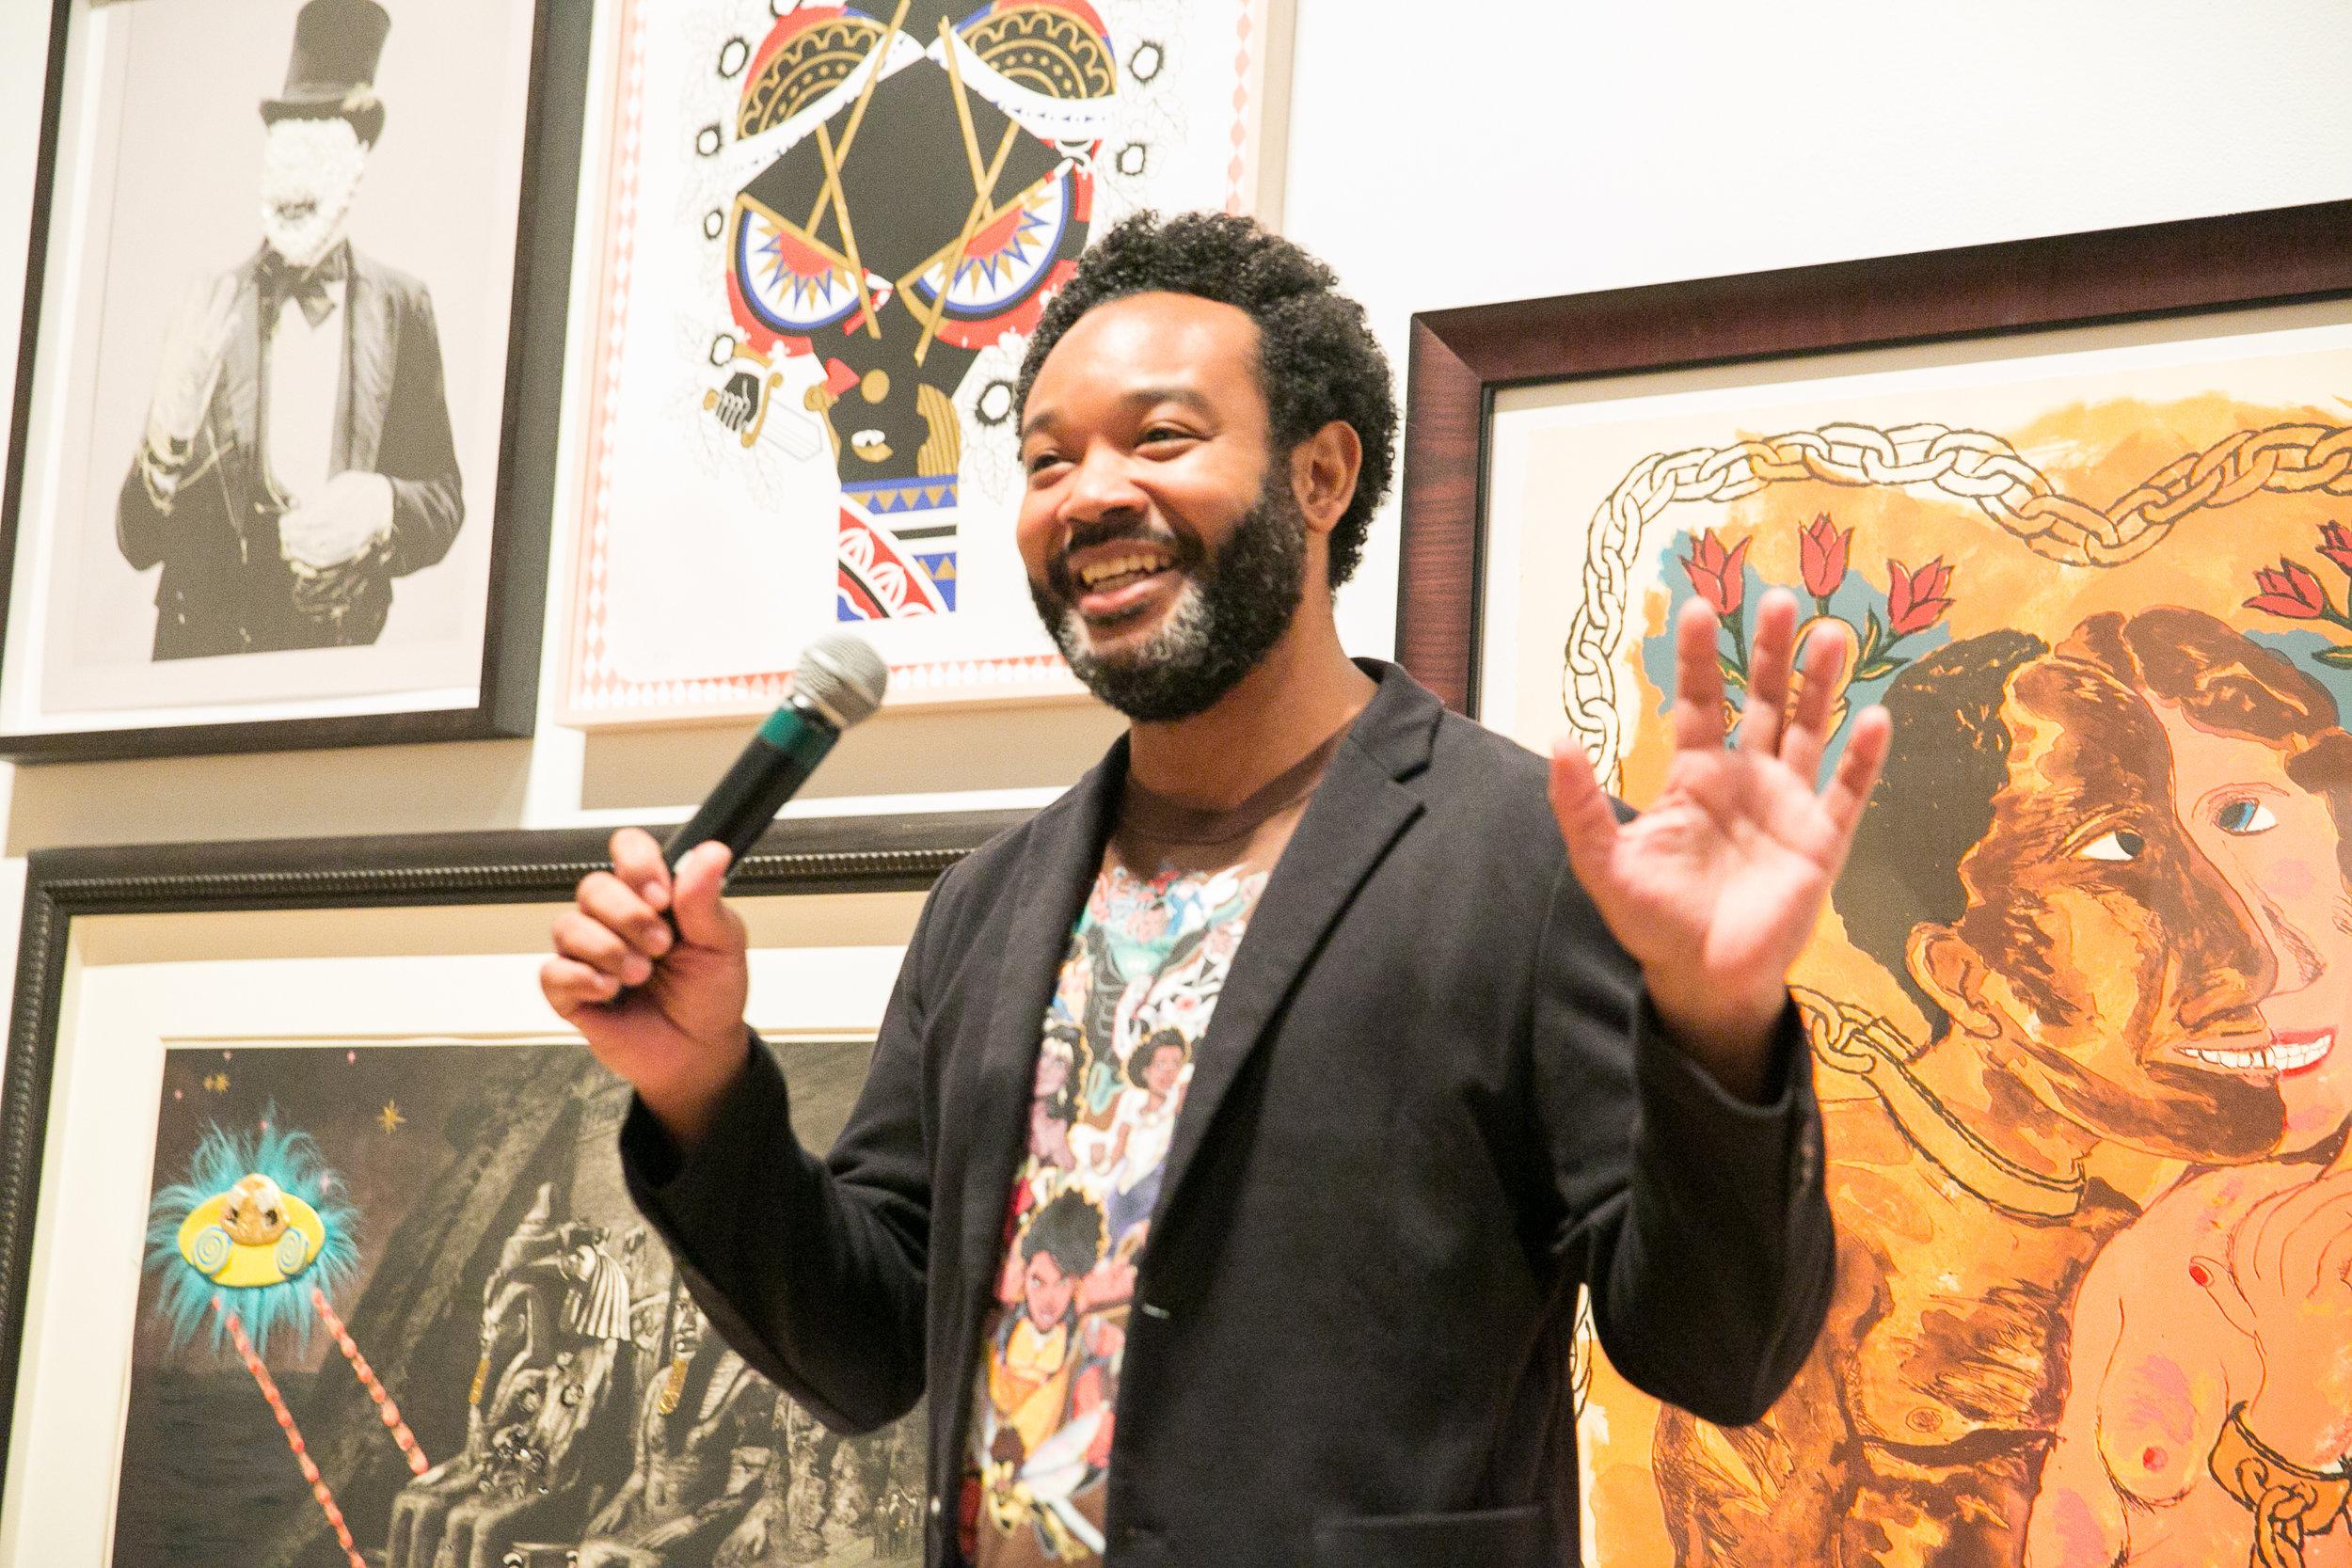 Co-curator Will Villalongo